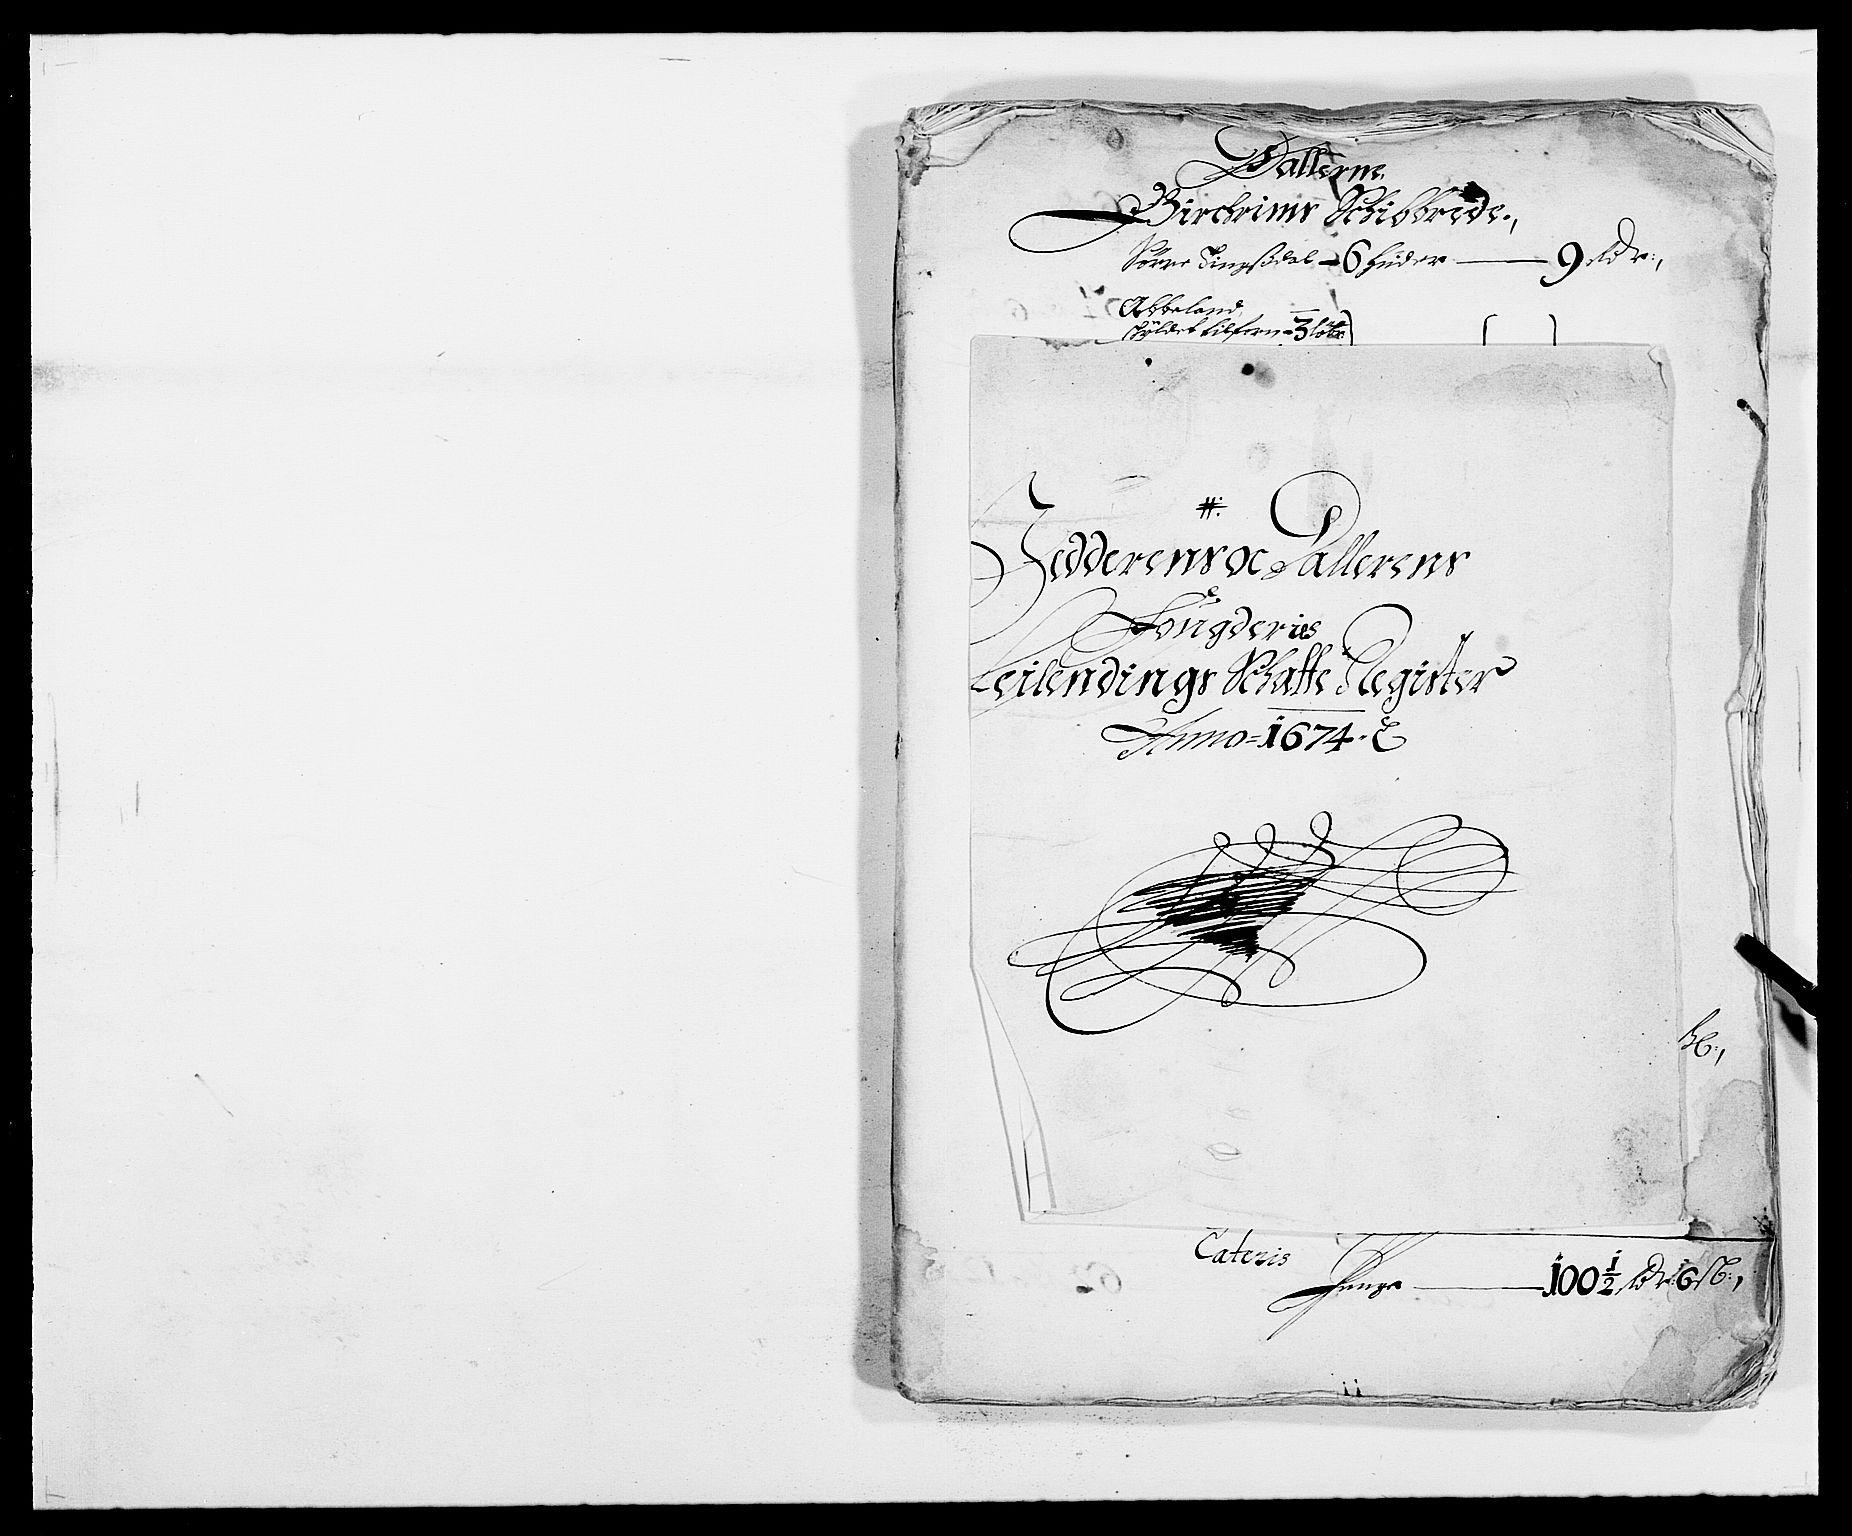 RA, Rentekammeret inntil 1814, Reviderte regnskaper, Fogderegnskap, R46/L2714: Fogderegnskap Jæren og Dalane, 1673-1674, s. 261